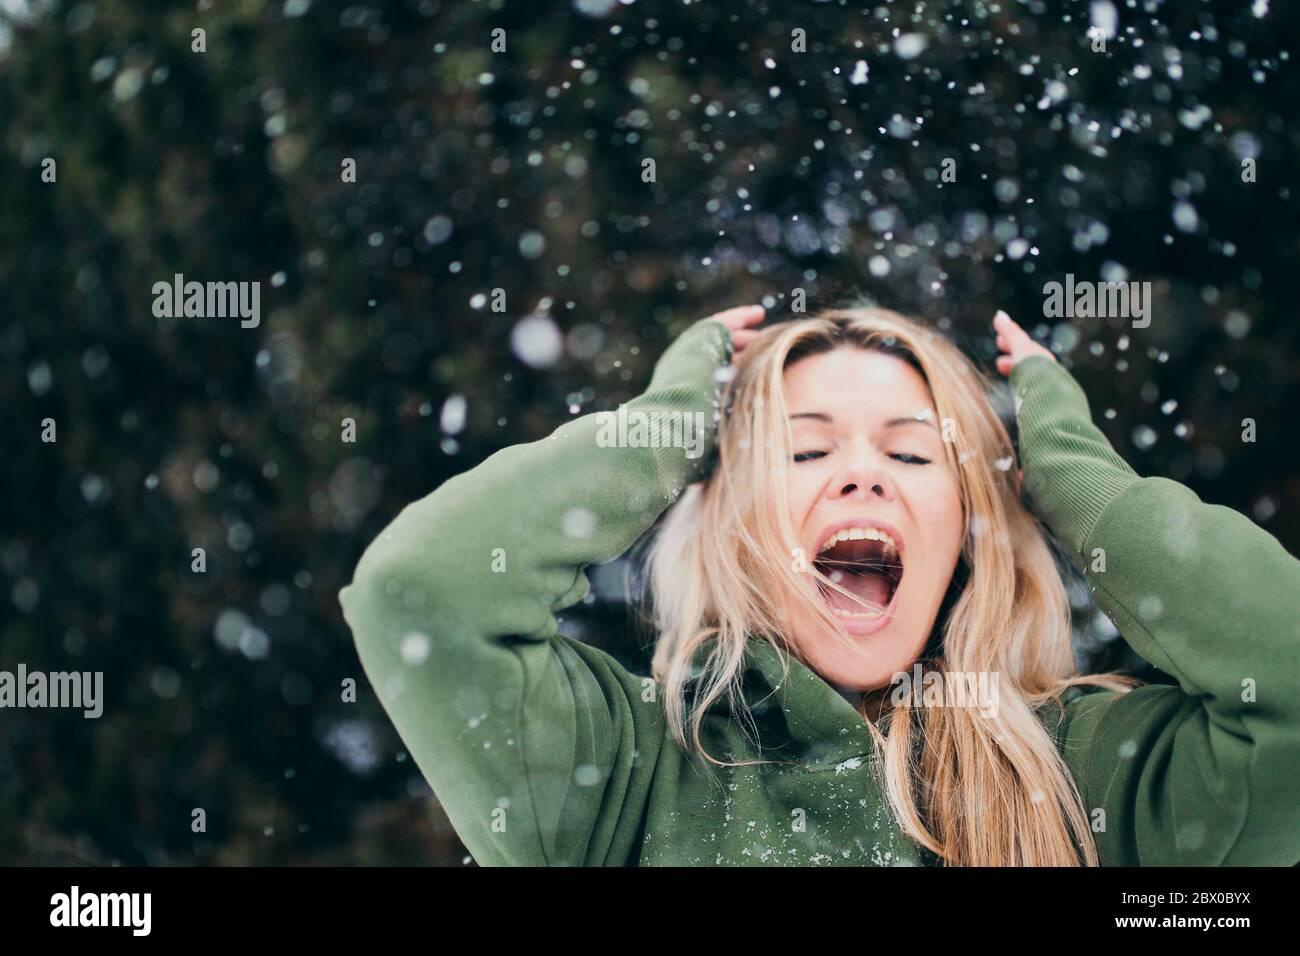 Bionda scandinava in inverno nella neve - una brillante emozione di gioia e di shock Foto Stock